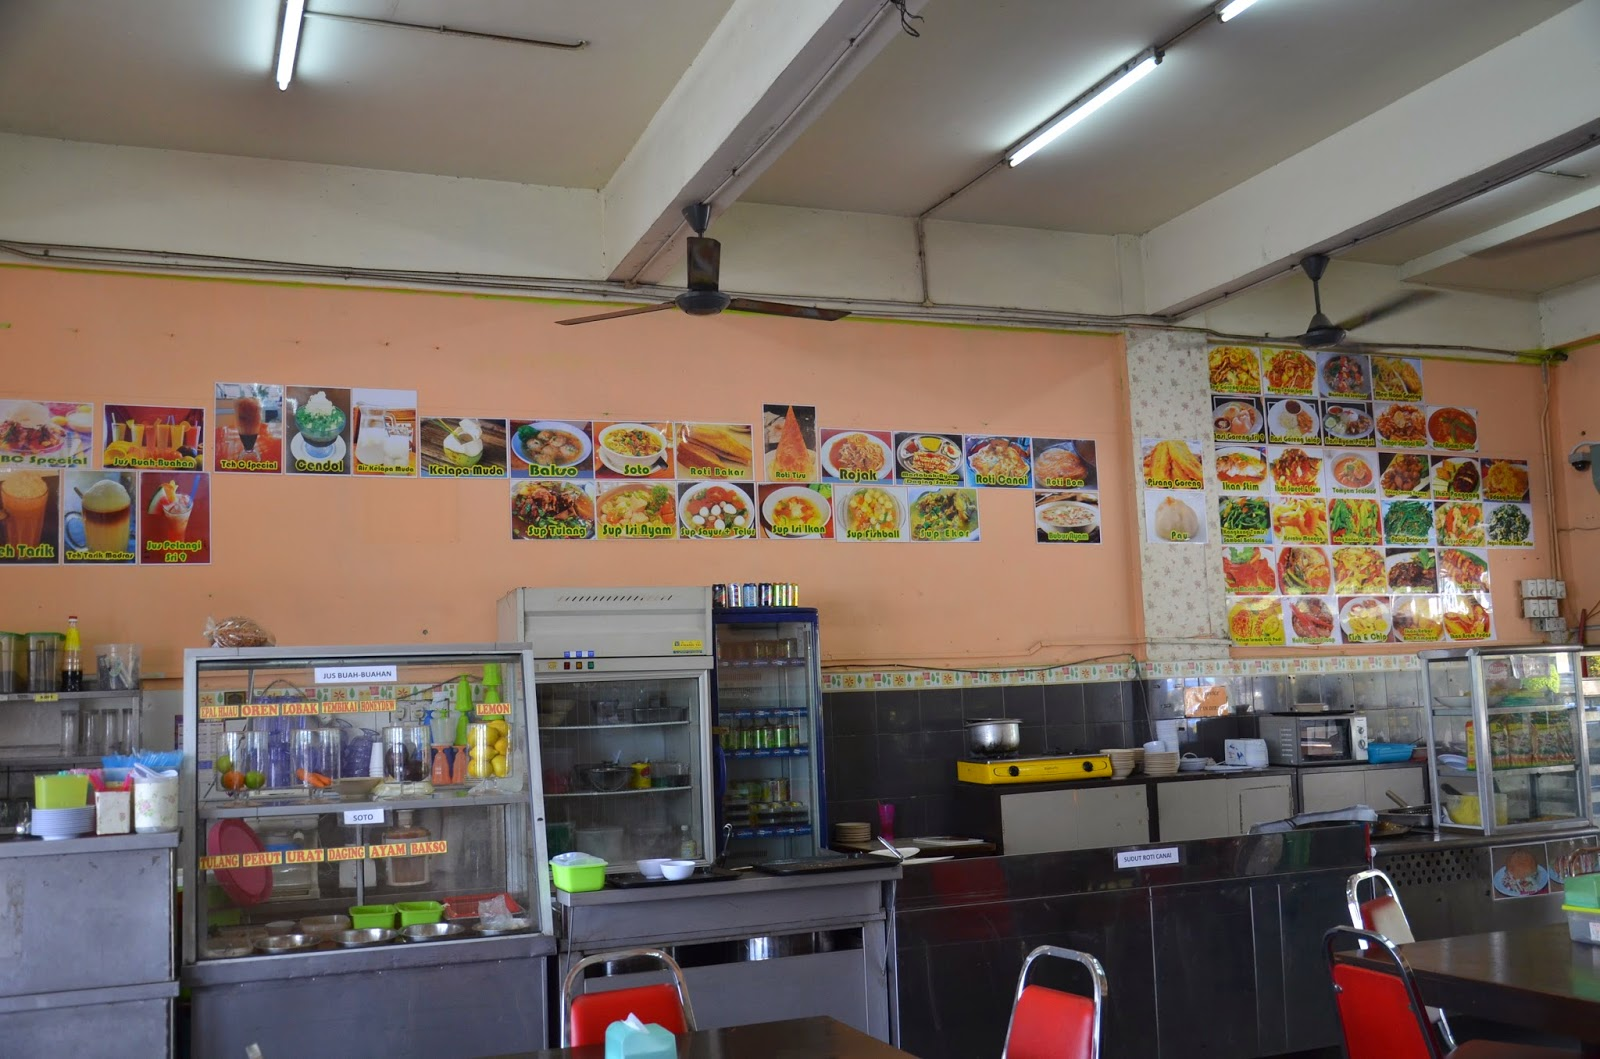 menu restoran sri sembilan ria, wall menu, resepi masakan, gambar makanan, gambar minuman, jus buah-buahan, makanan sedap